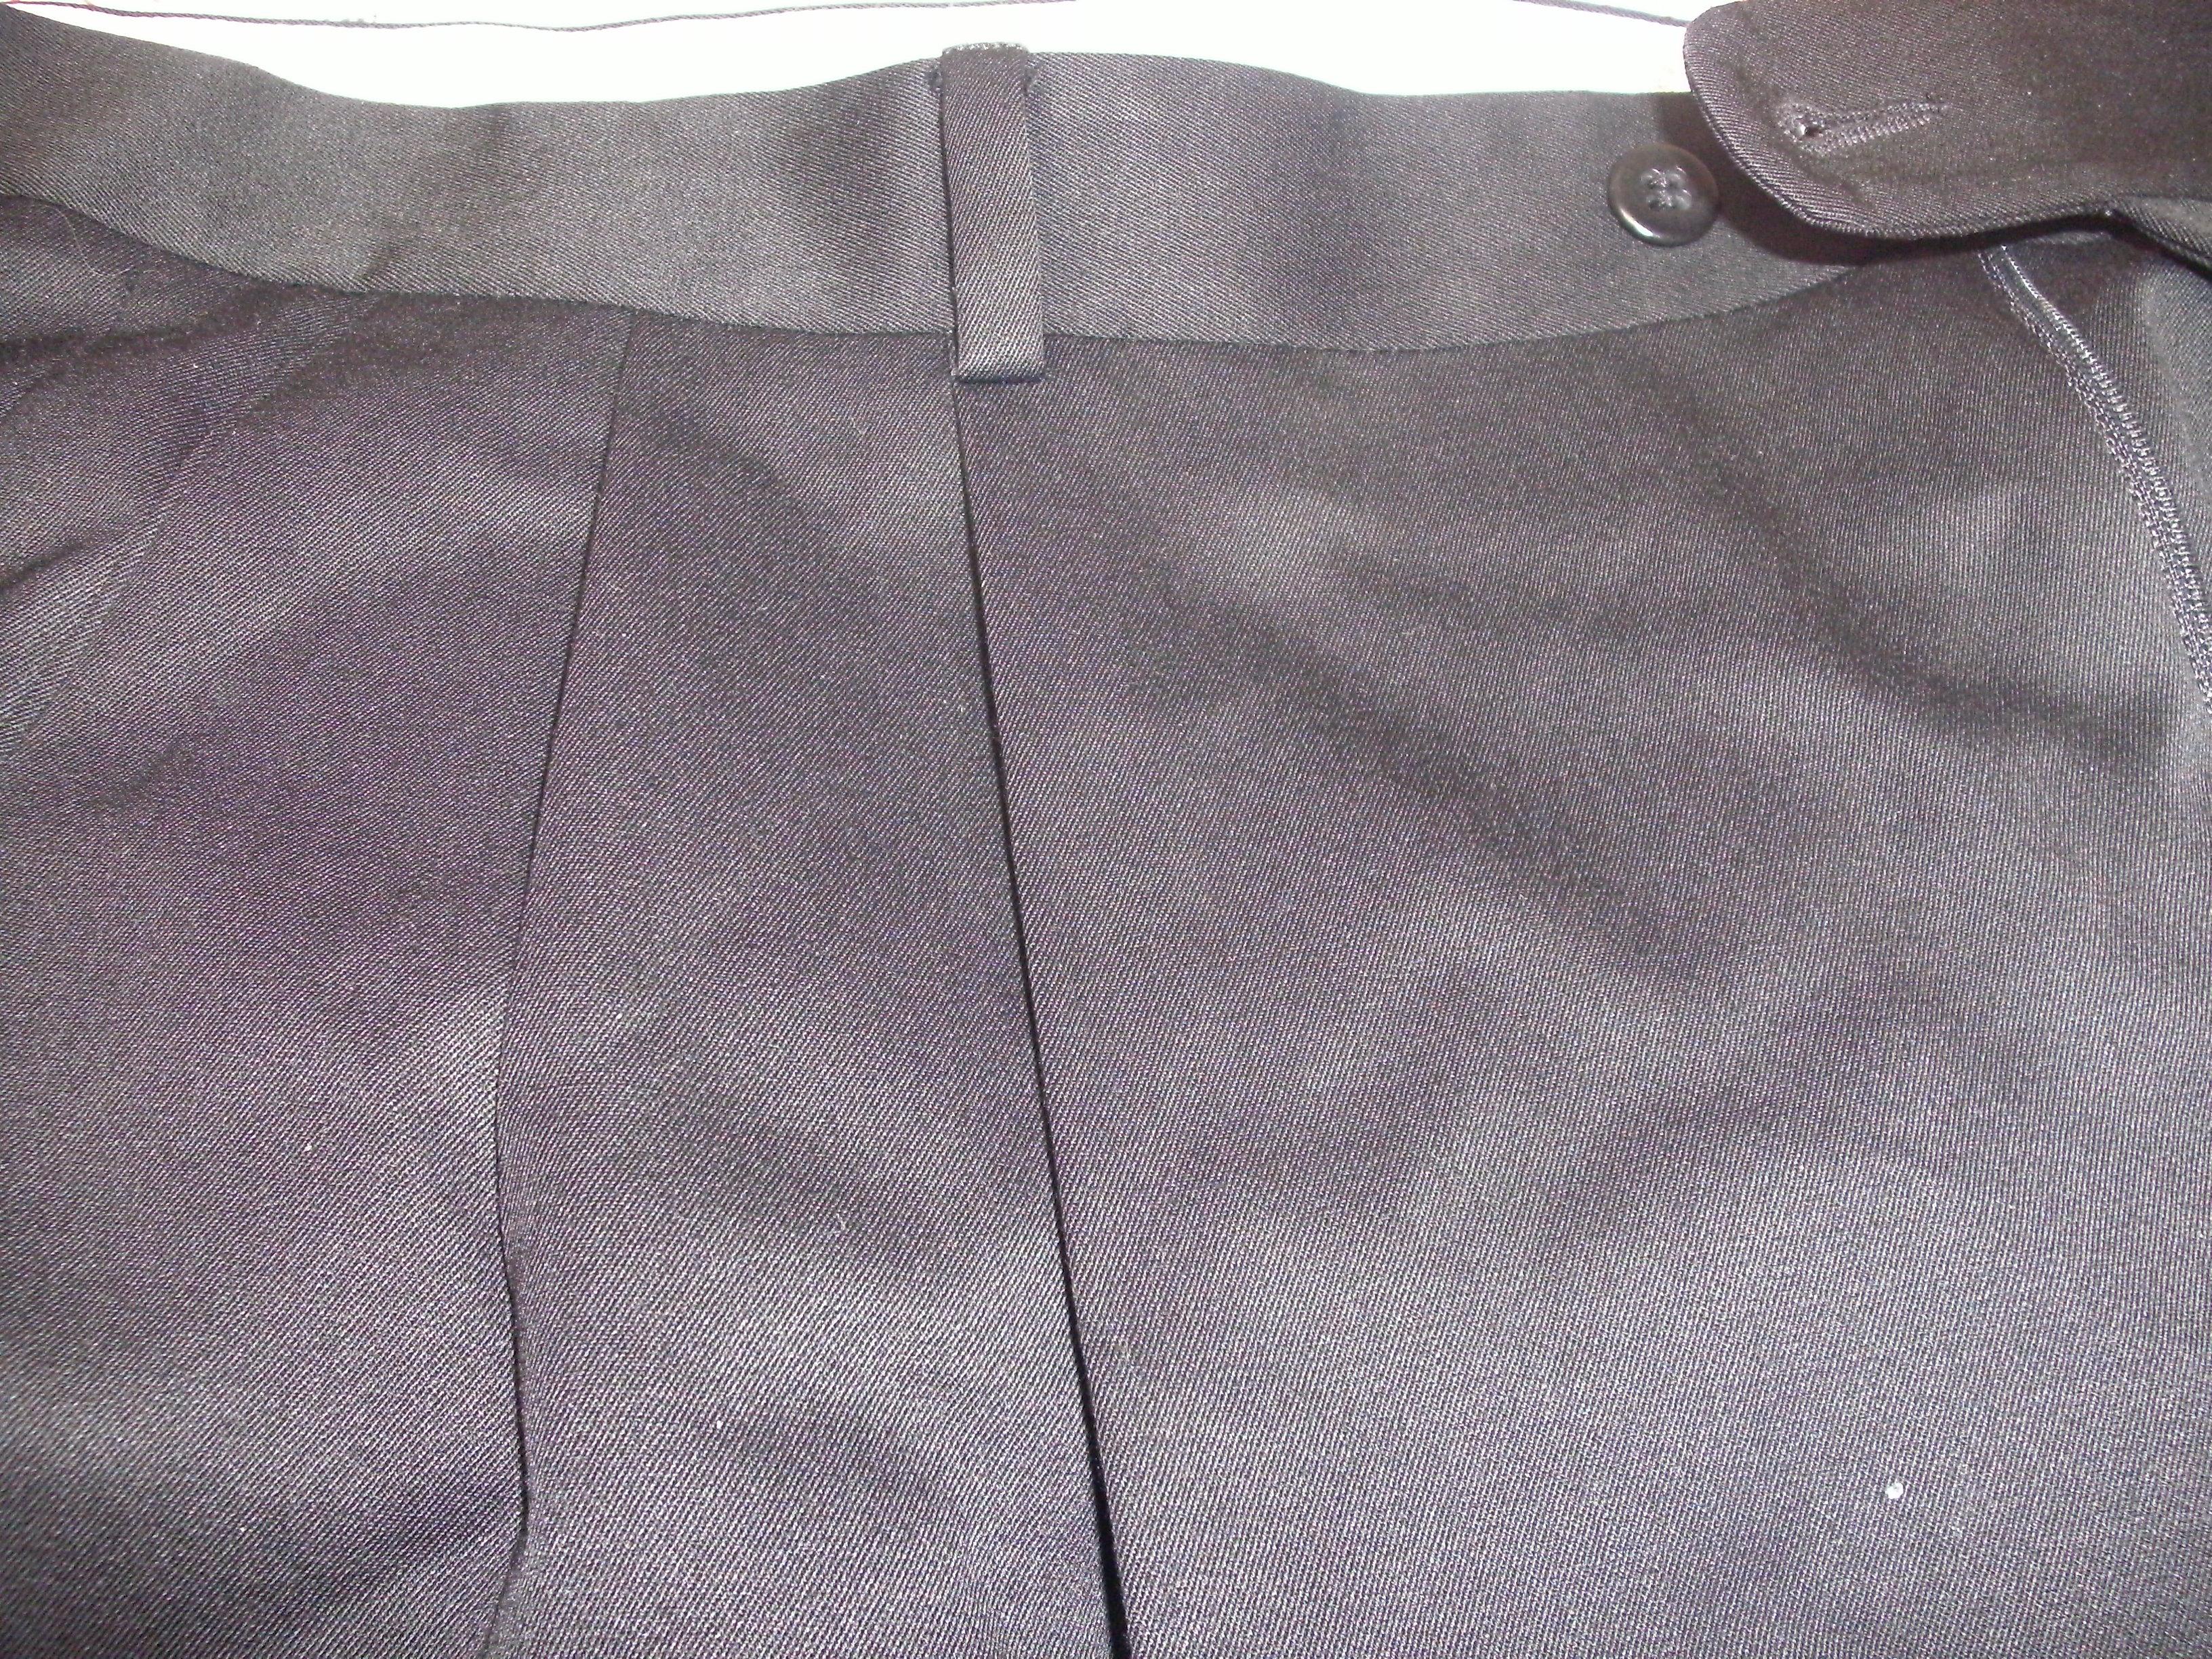 Pants (2).JPG